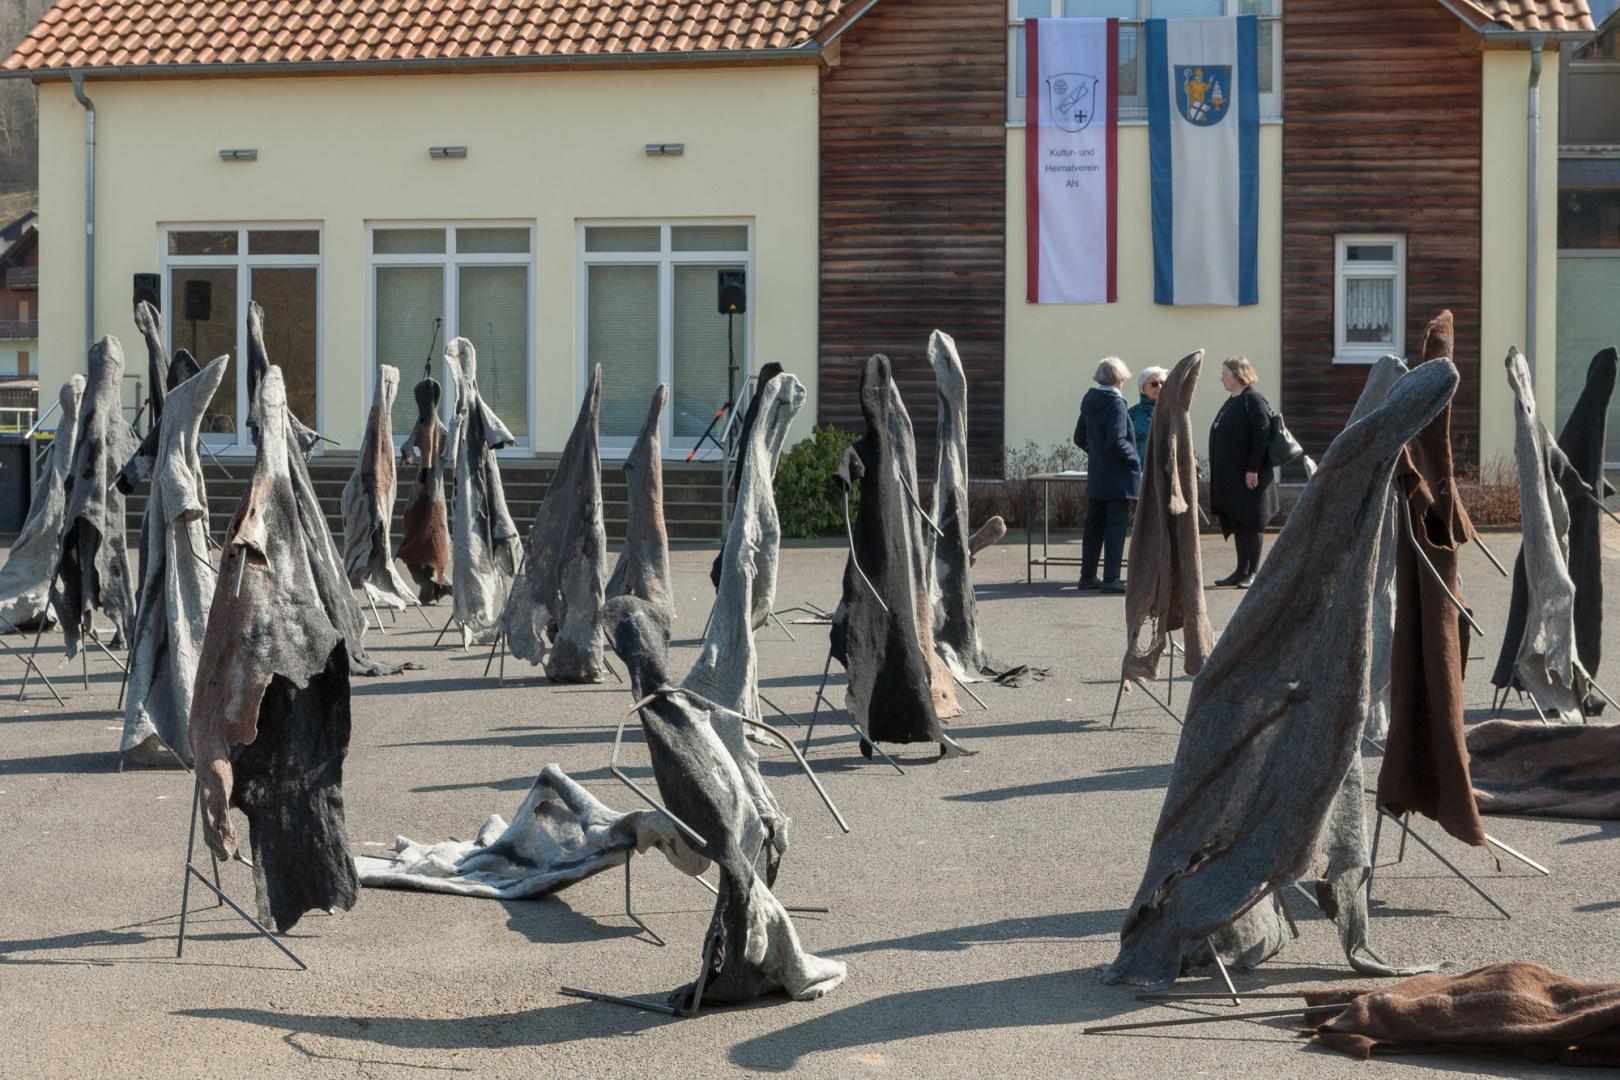 Gestalten des Jammers vor dem Dorfgemeinschaftshaus